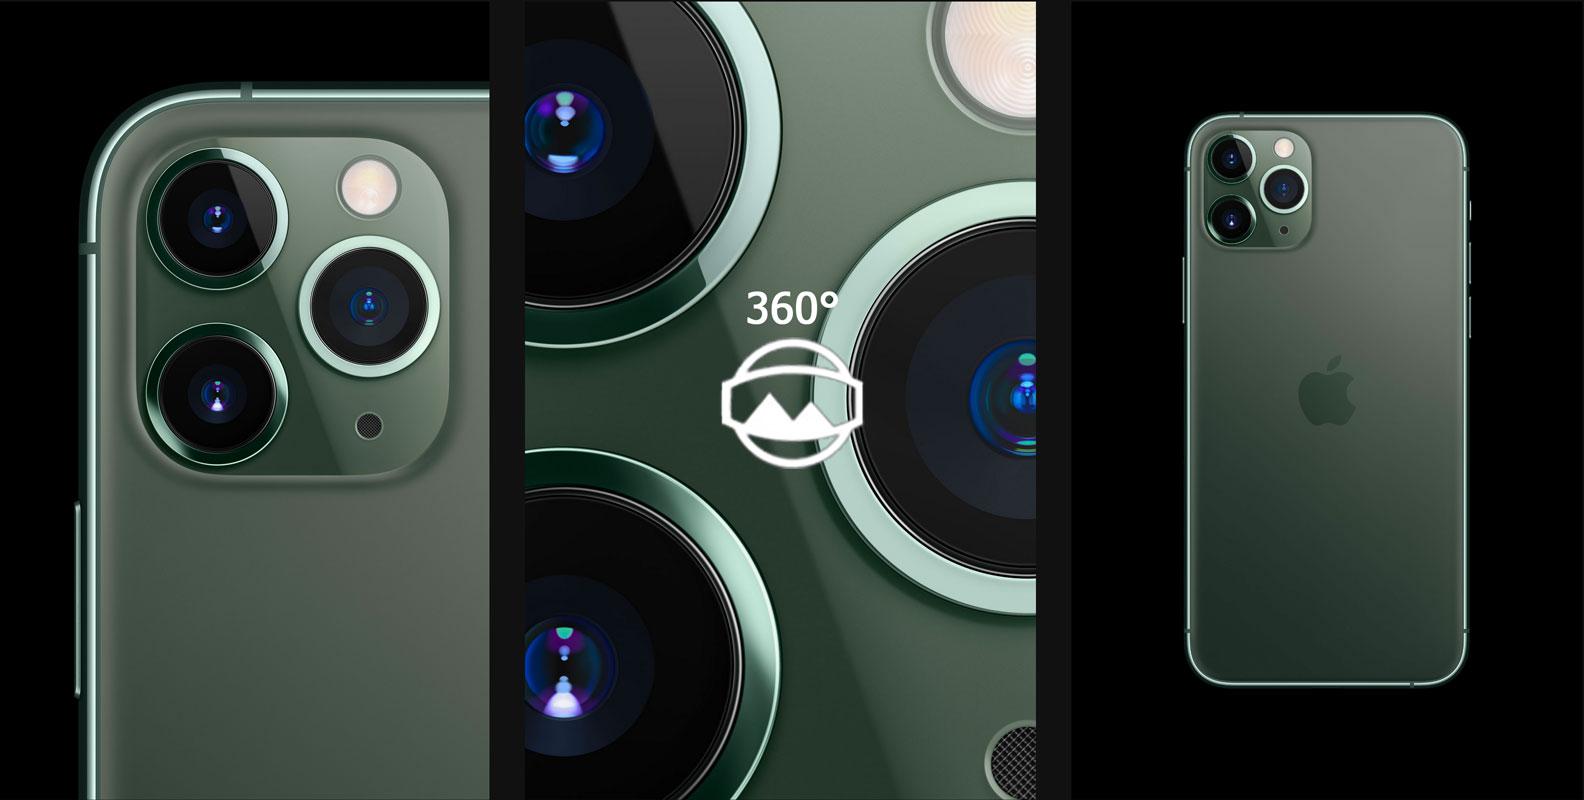 #TEST: créer une visite virtuelle 360° PRO avec l'Iphone 11 ?